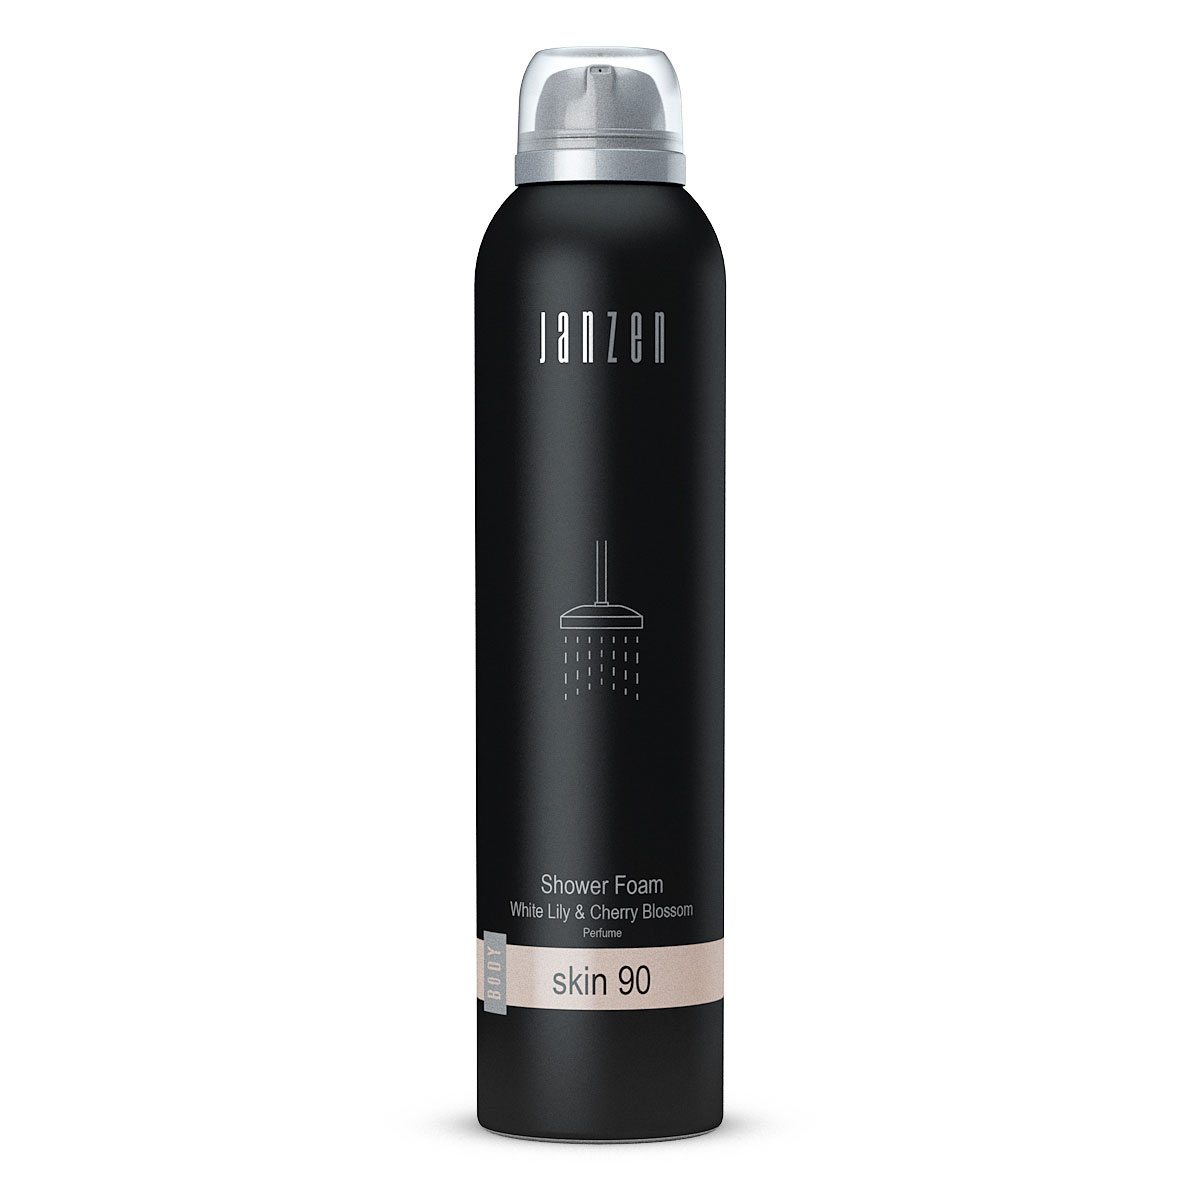 Janzen Shower Foam Skin 90